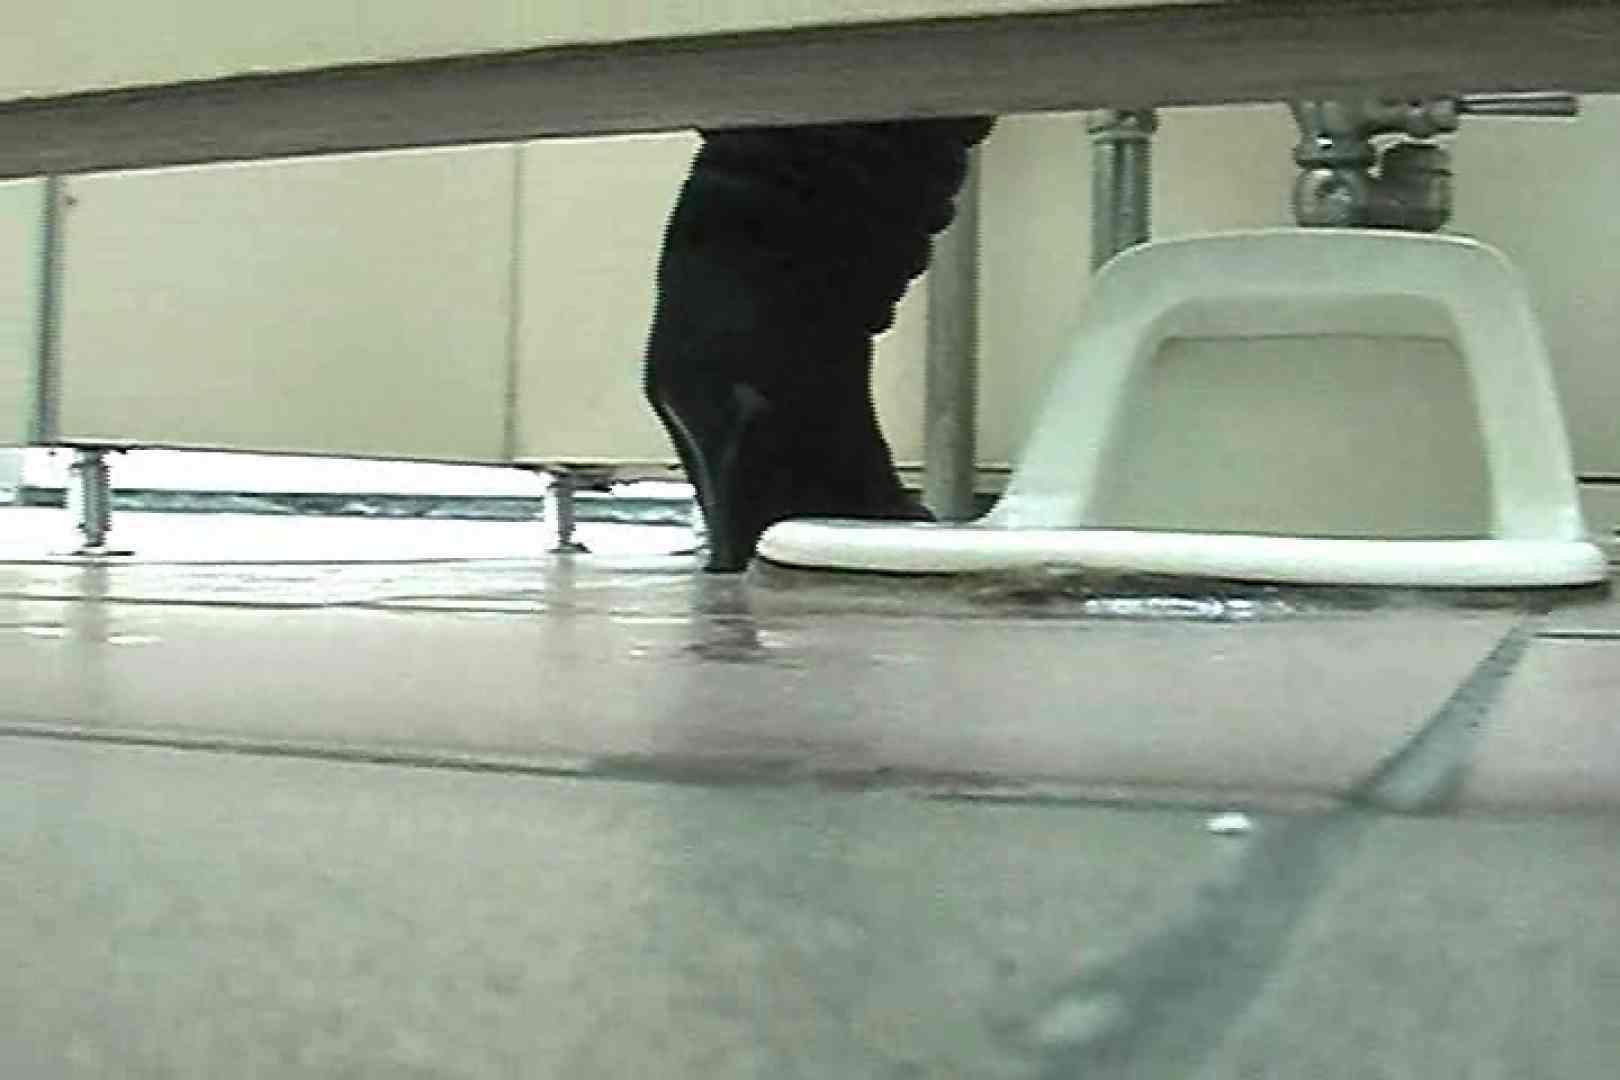 マンコ丸見え女子洗面所Vol.9 洗面所はめどり ヌード画像 86画像 8